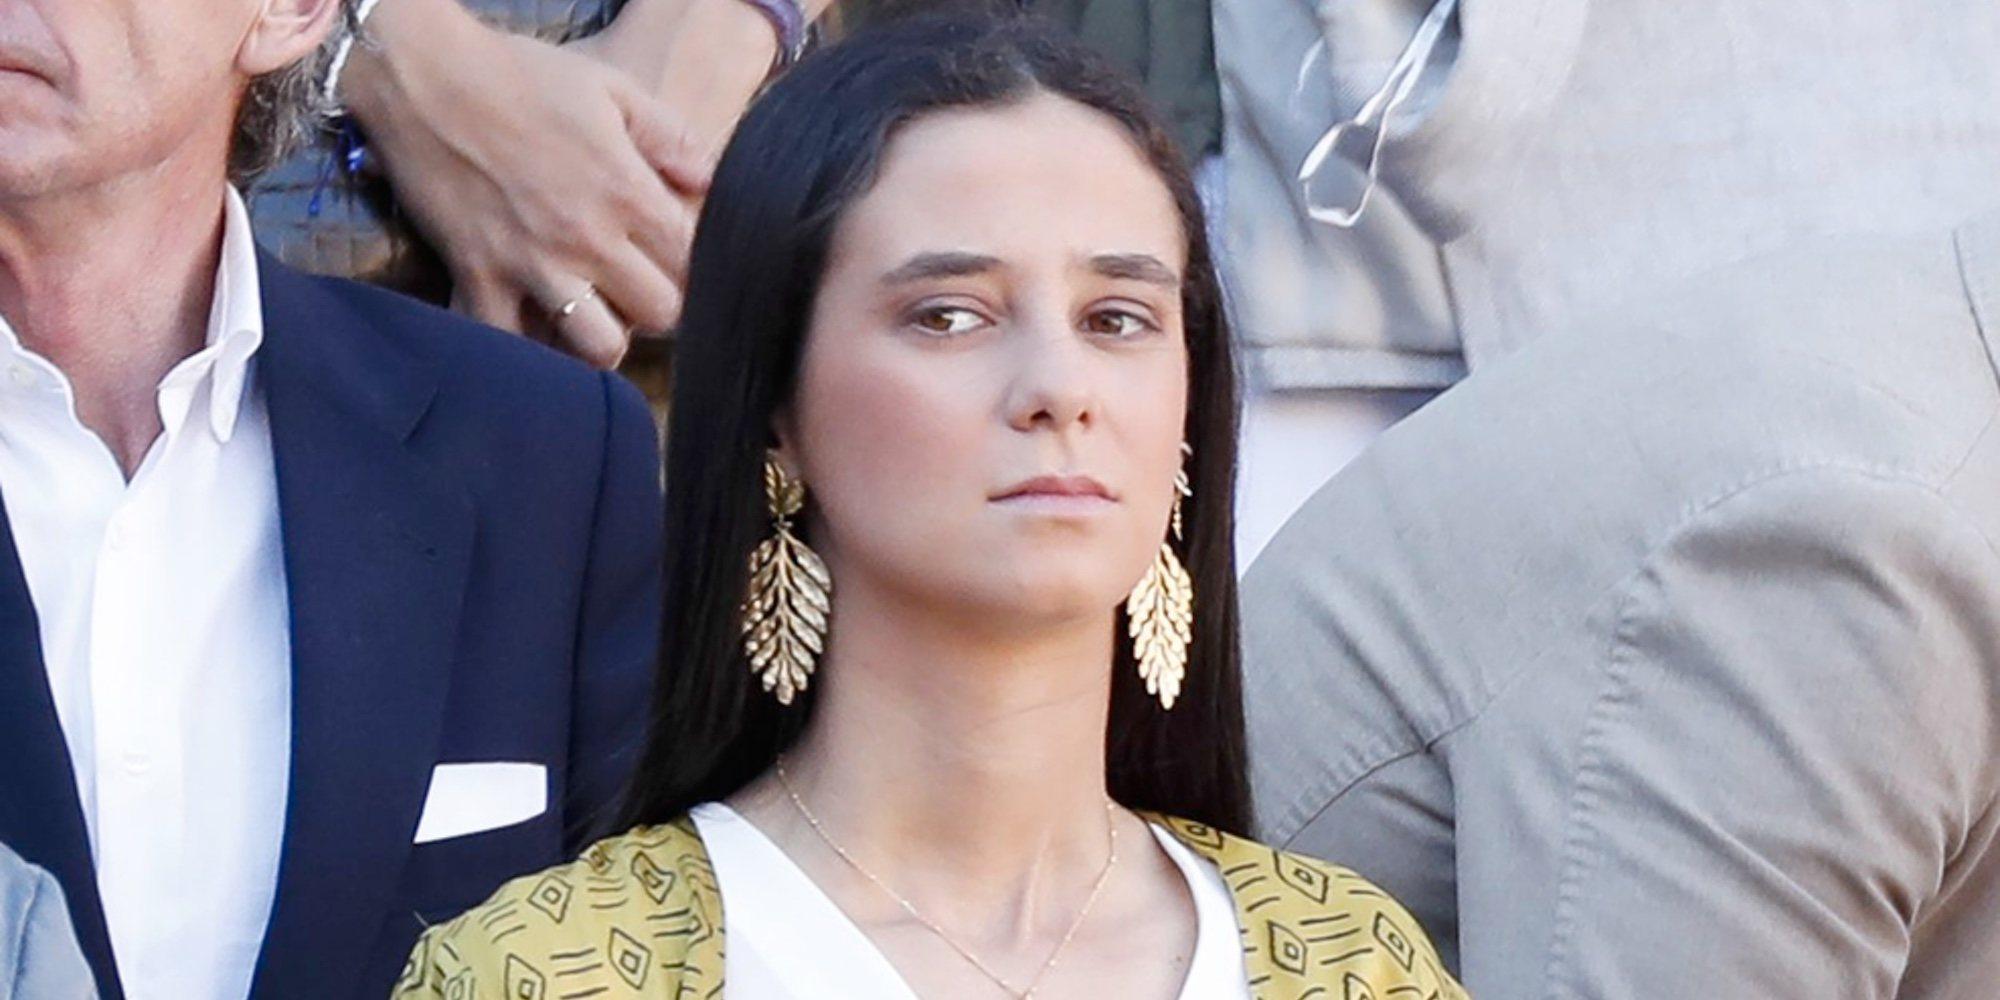 Las polémicas de Victoria Federica desde el confinamiento: fotos, fiestas y decisiones equivocadas